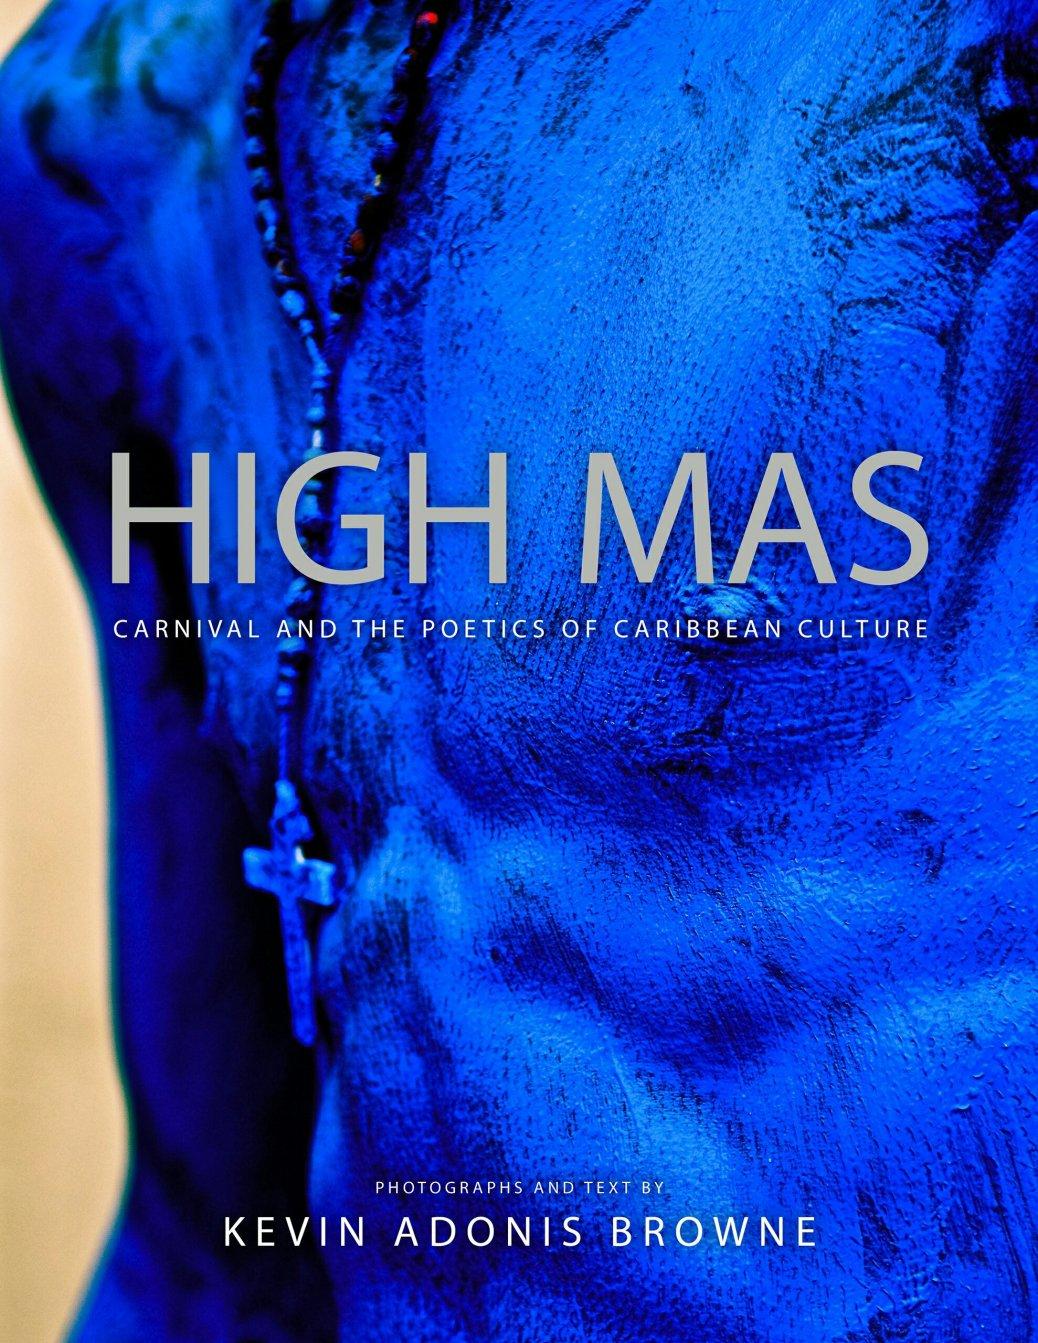 HIGH MAS BOOK COVER